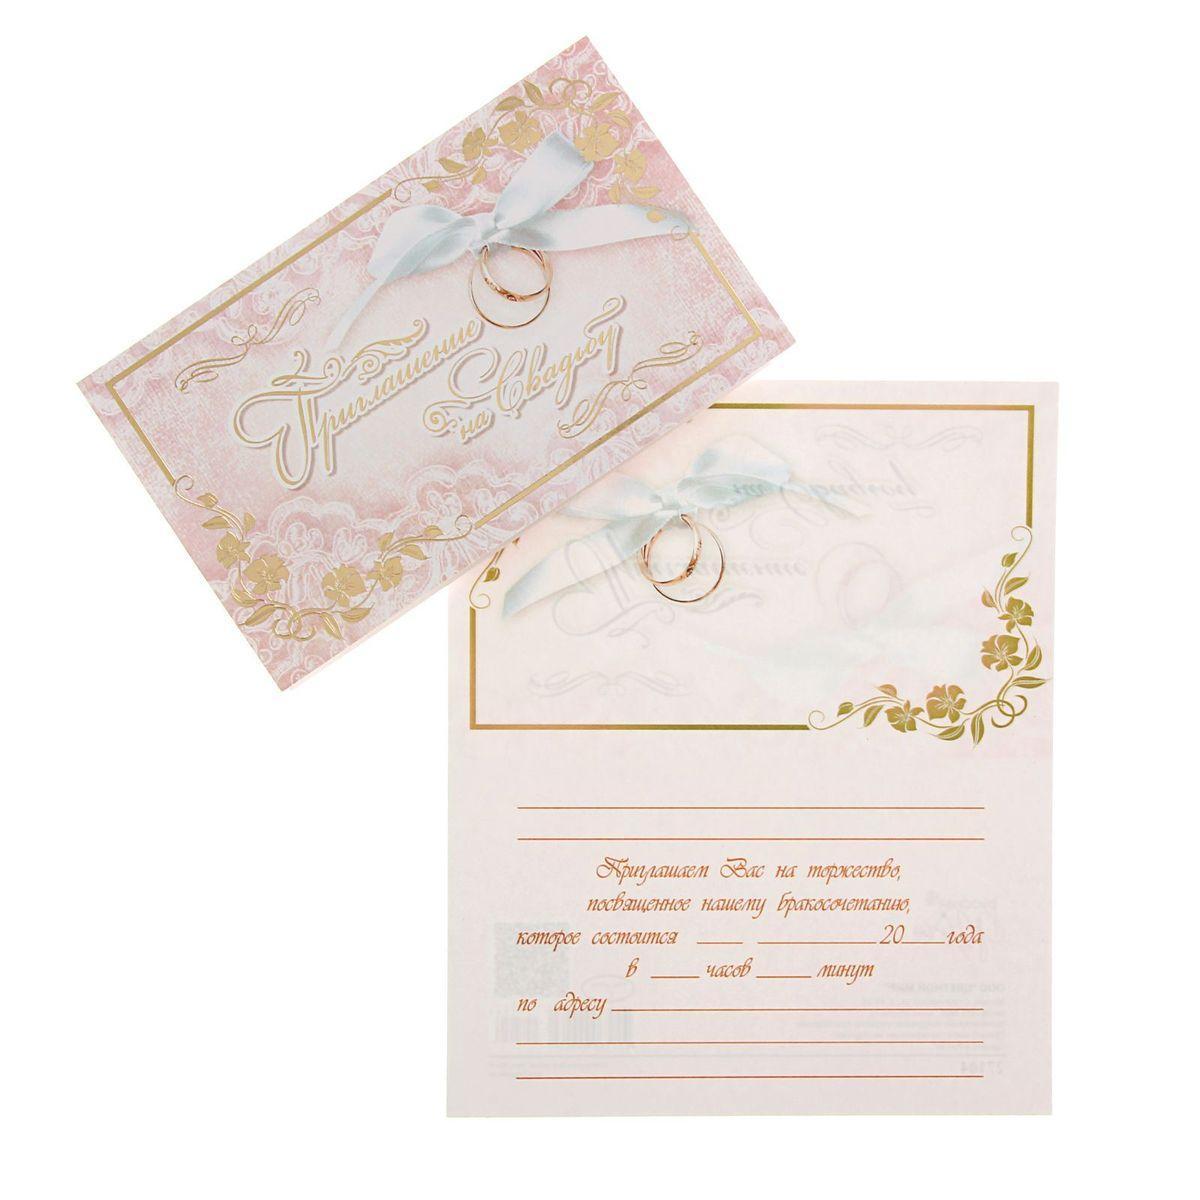 Приглашение на свадьбу Русский дизайн Два кольца, 17 х 14 смNLED-454-9W-BKКрасивая свадебная пригласительная открытка станет незаменимым атрибутом подготовки к предстоящему торжеству и позволит объявить самым дорогим вам людям о важном событии в вашей жизни. Приглашение на свадьбу Русский дизайн Два кольца, выполненное изкартона, отличается не только оригинальным дизайном, но и высоким качеством. Внутри - текстприглашения. Вам остается заполнить необходимые строки и раздать гостям.Устройте себе незабываемую свадьбу! Размер: 17 х 14 см.